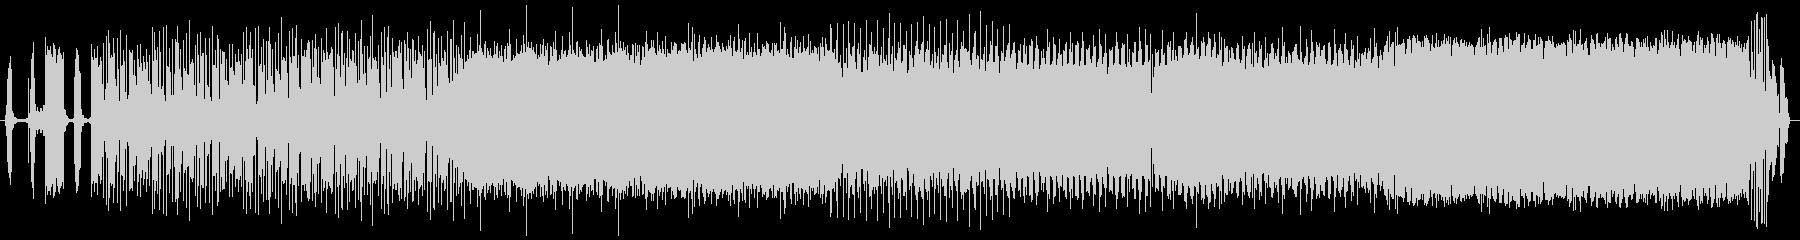 SFサスペンス・ドラマBGMの未再生の波形